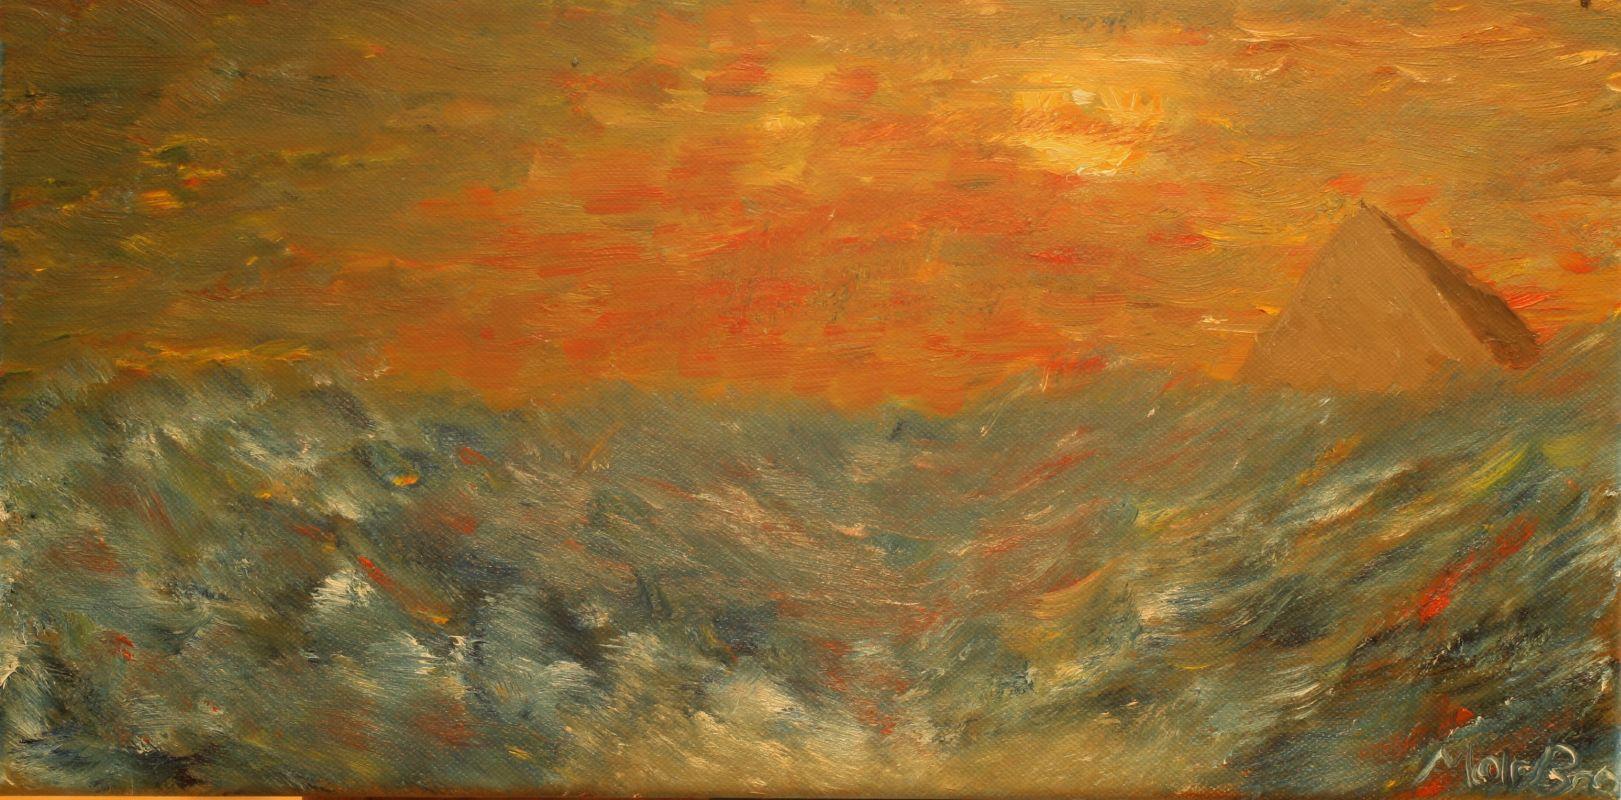 Die Nacht vor dem Untergang (2012, 20 x 40 cm)